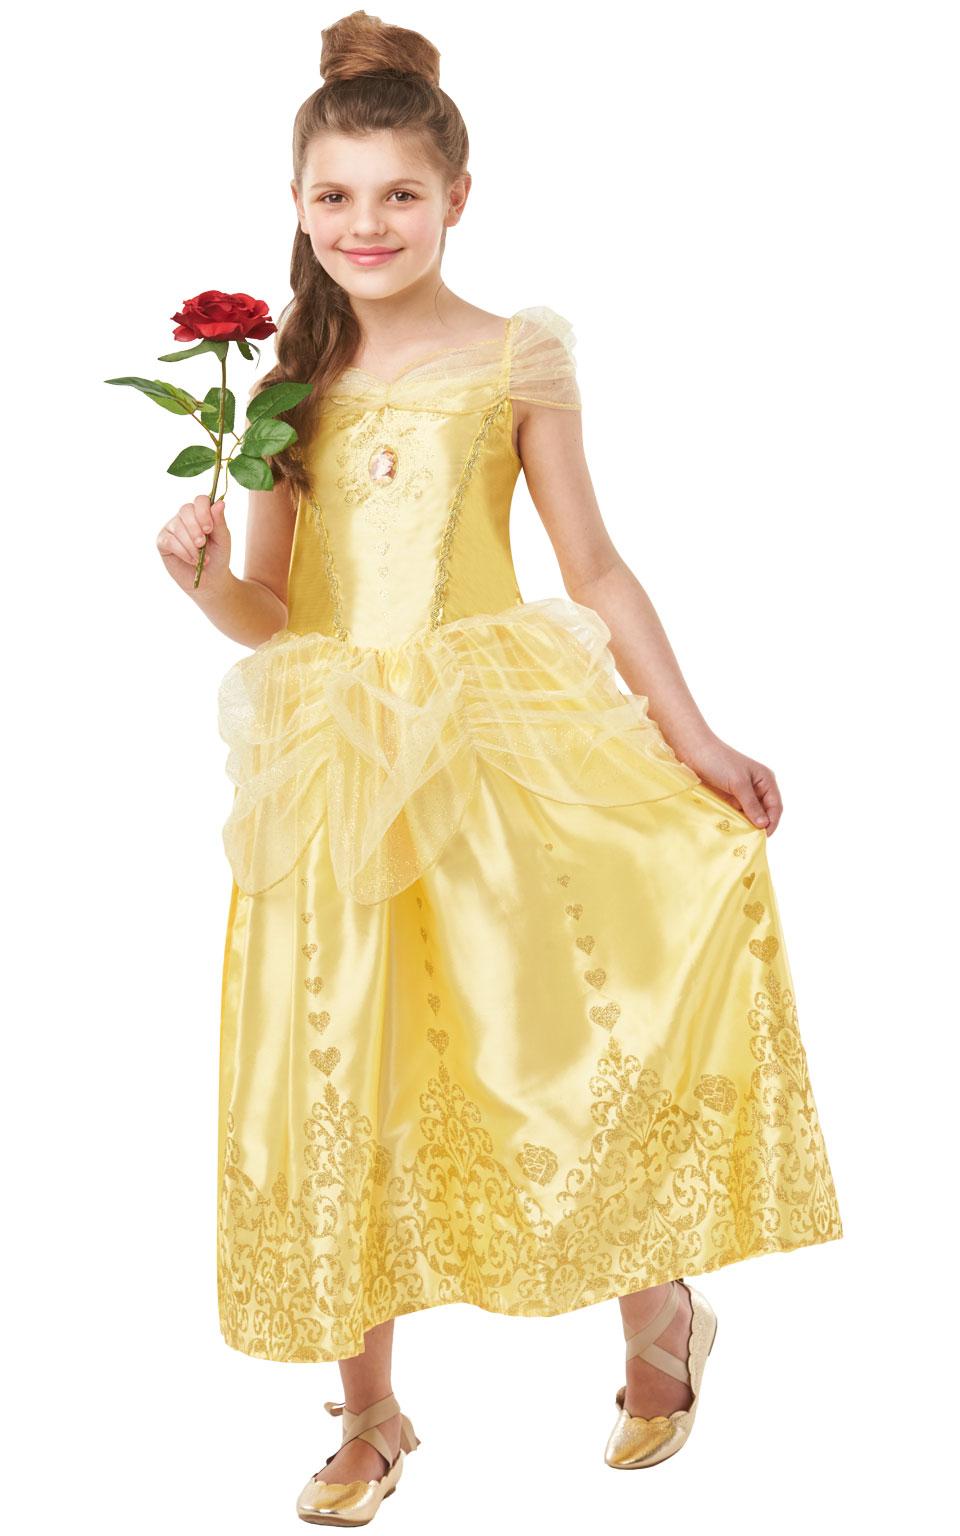 Girls Belle Costume Kids Disney Princess Fancy Dress Fairytale